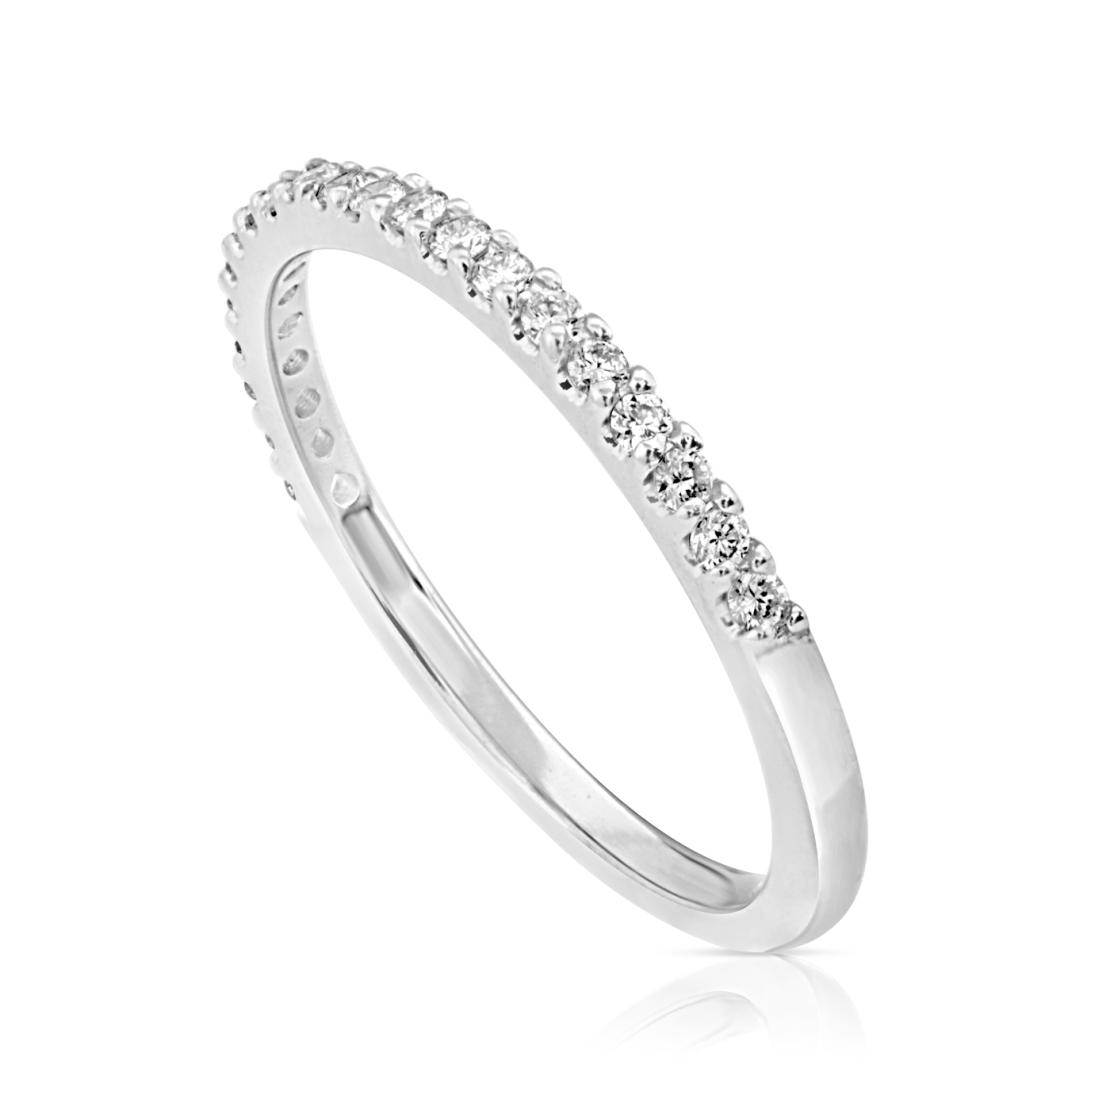 טבעת נישואין עם יהלומים WR1540